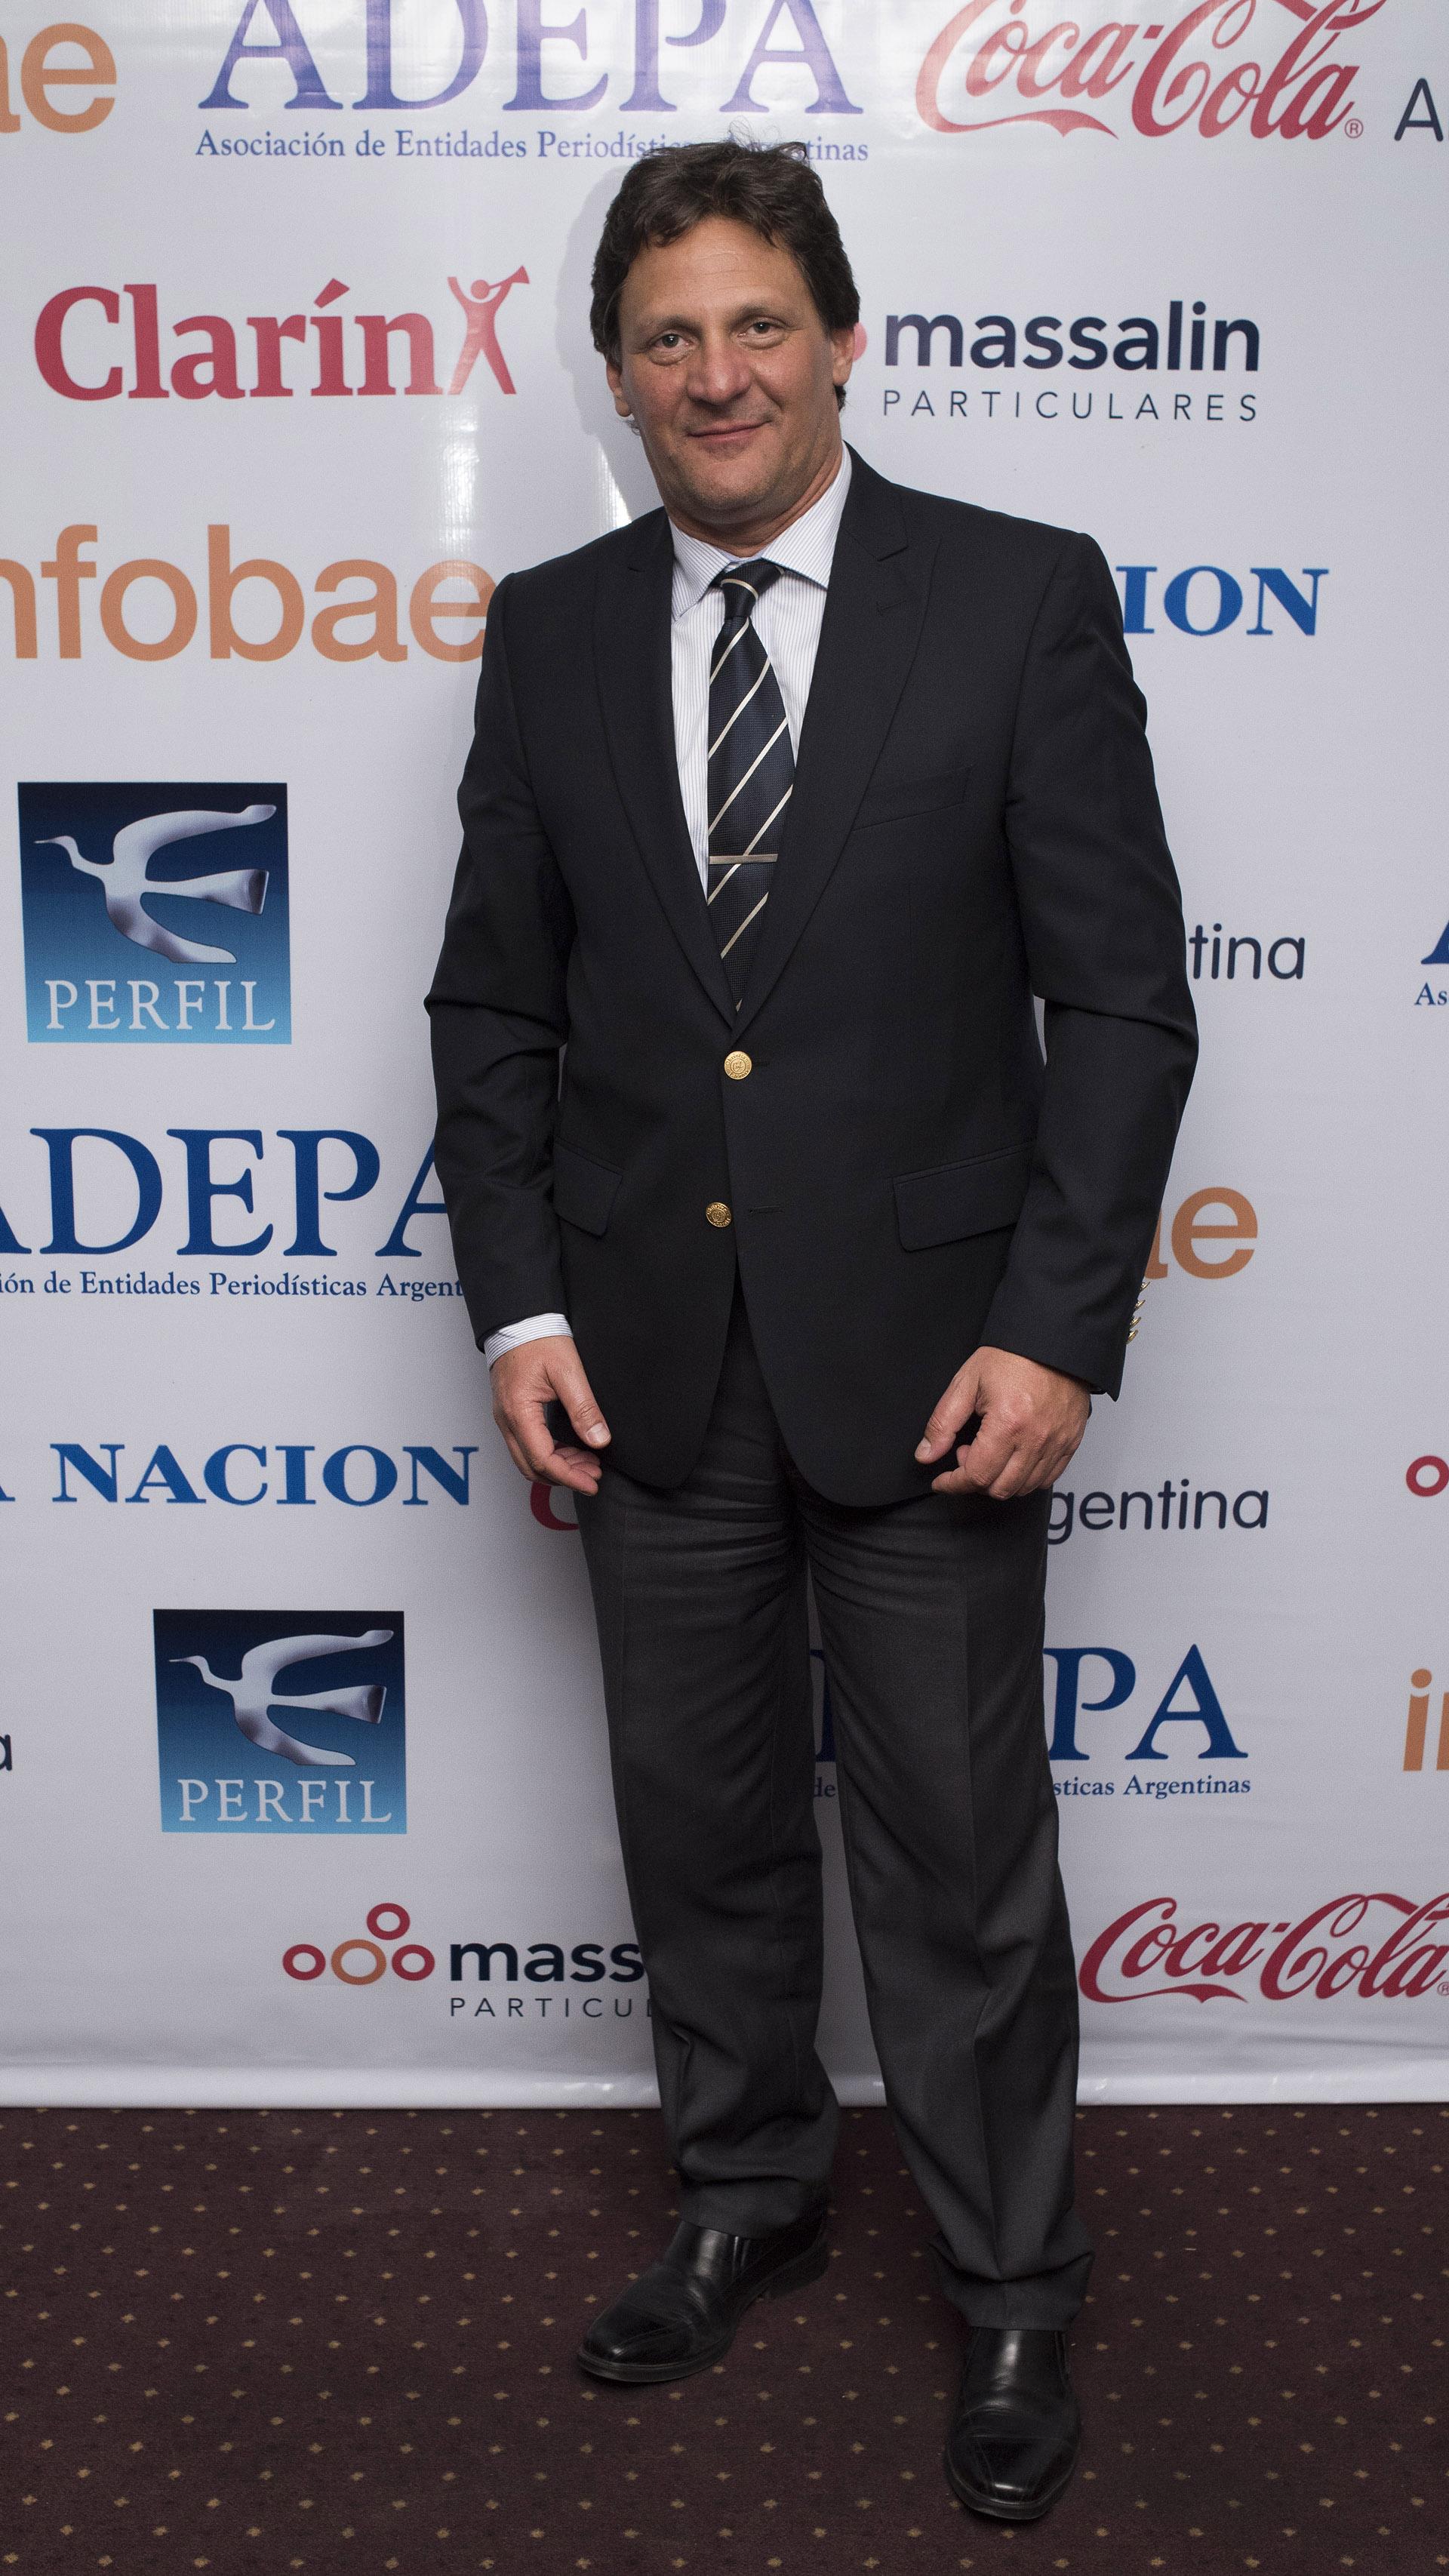 Gabriel Matijas, gerente general de ADEPA